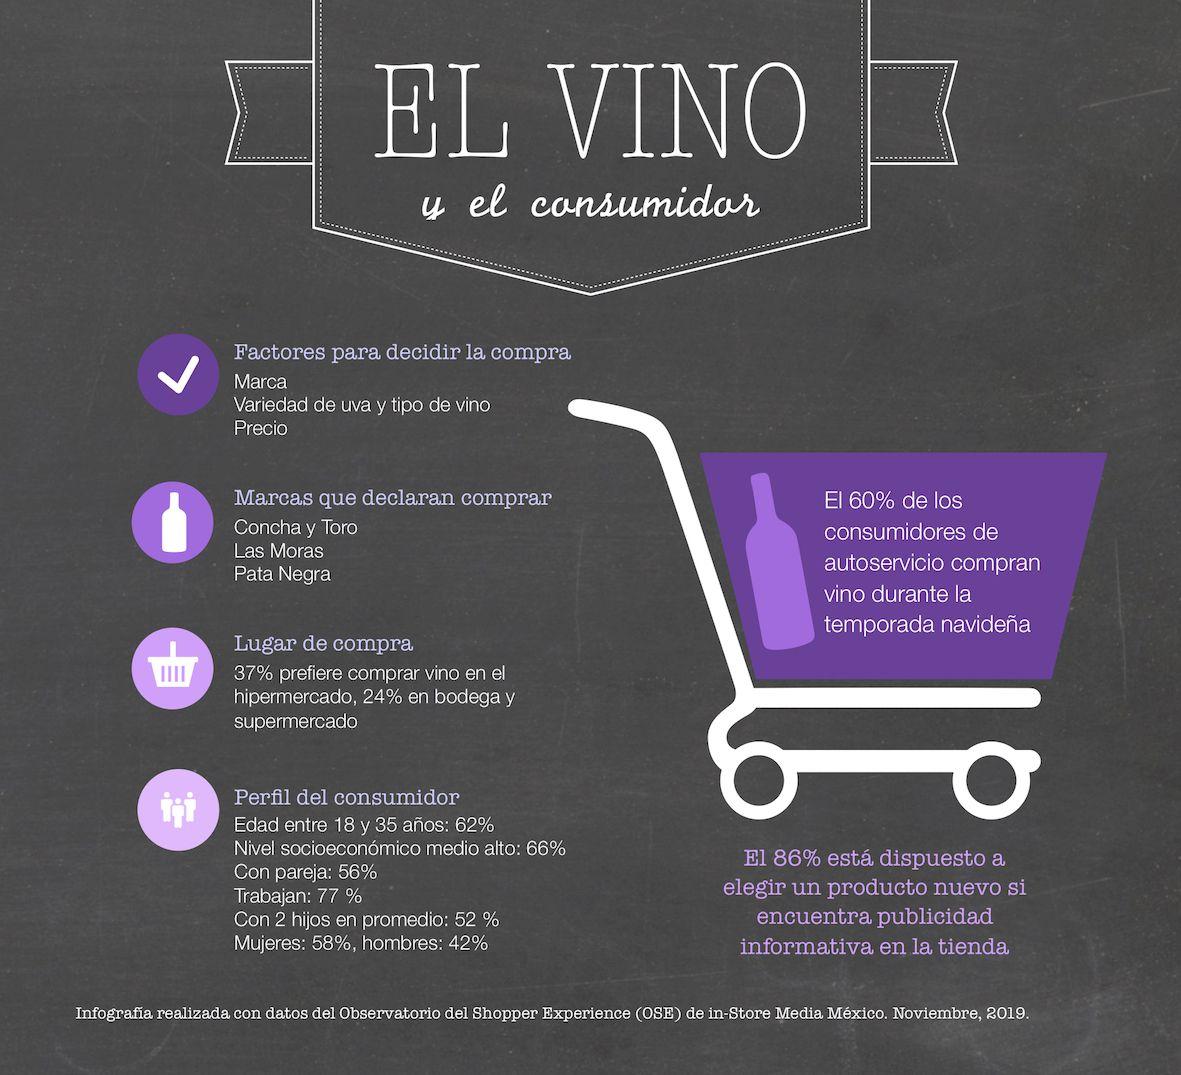 El 60% de los consumidores mexicanos compra vino en la temporada navideña